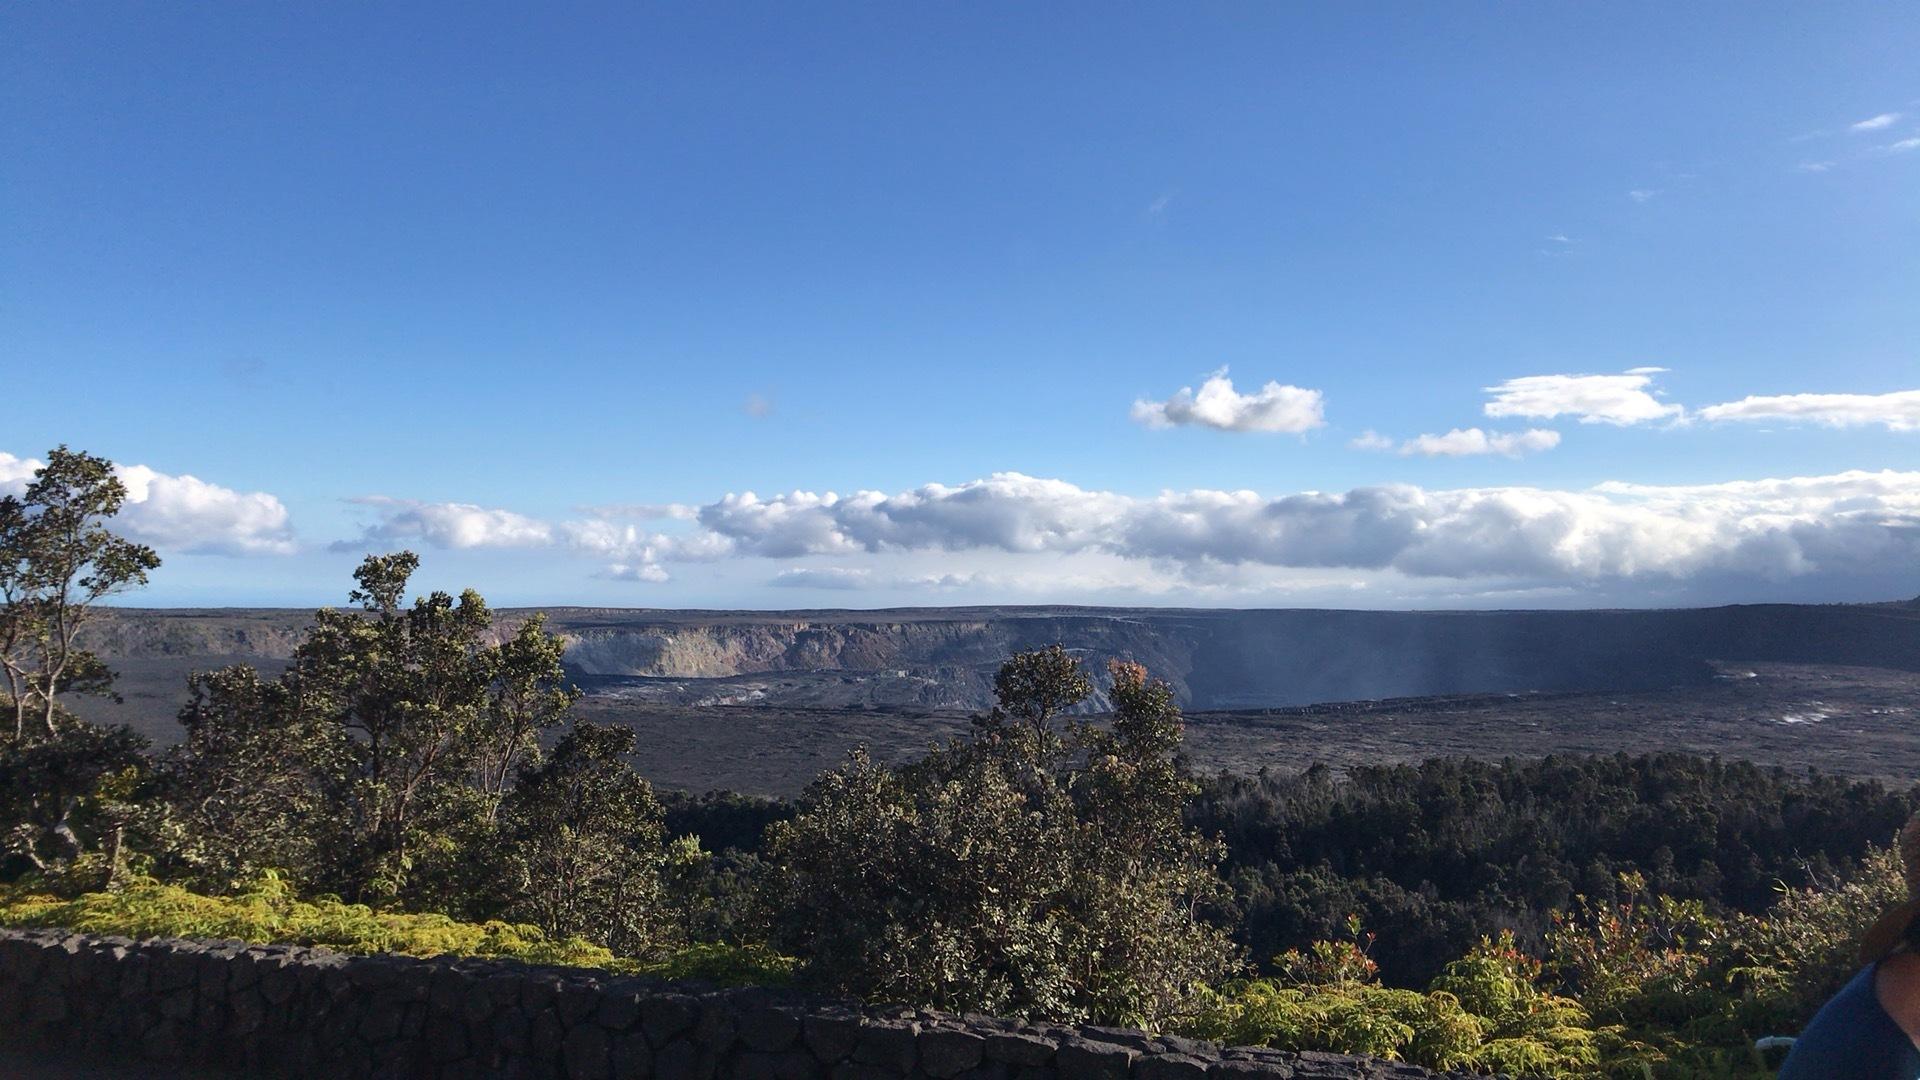 やはりハワイ島の大自然に圧倒されました。 マウナケアのデモ、満月の夜で満天の星空を見れなかったので拍子抜けでした、、、